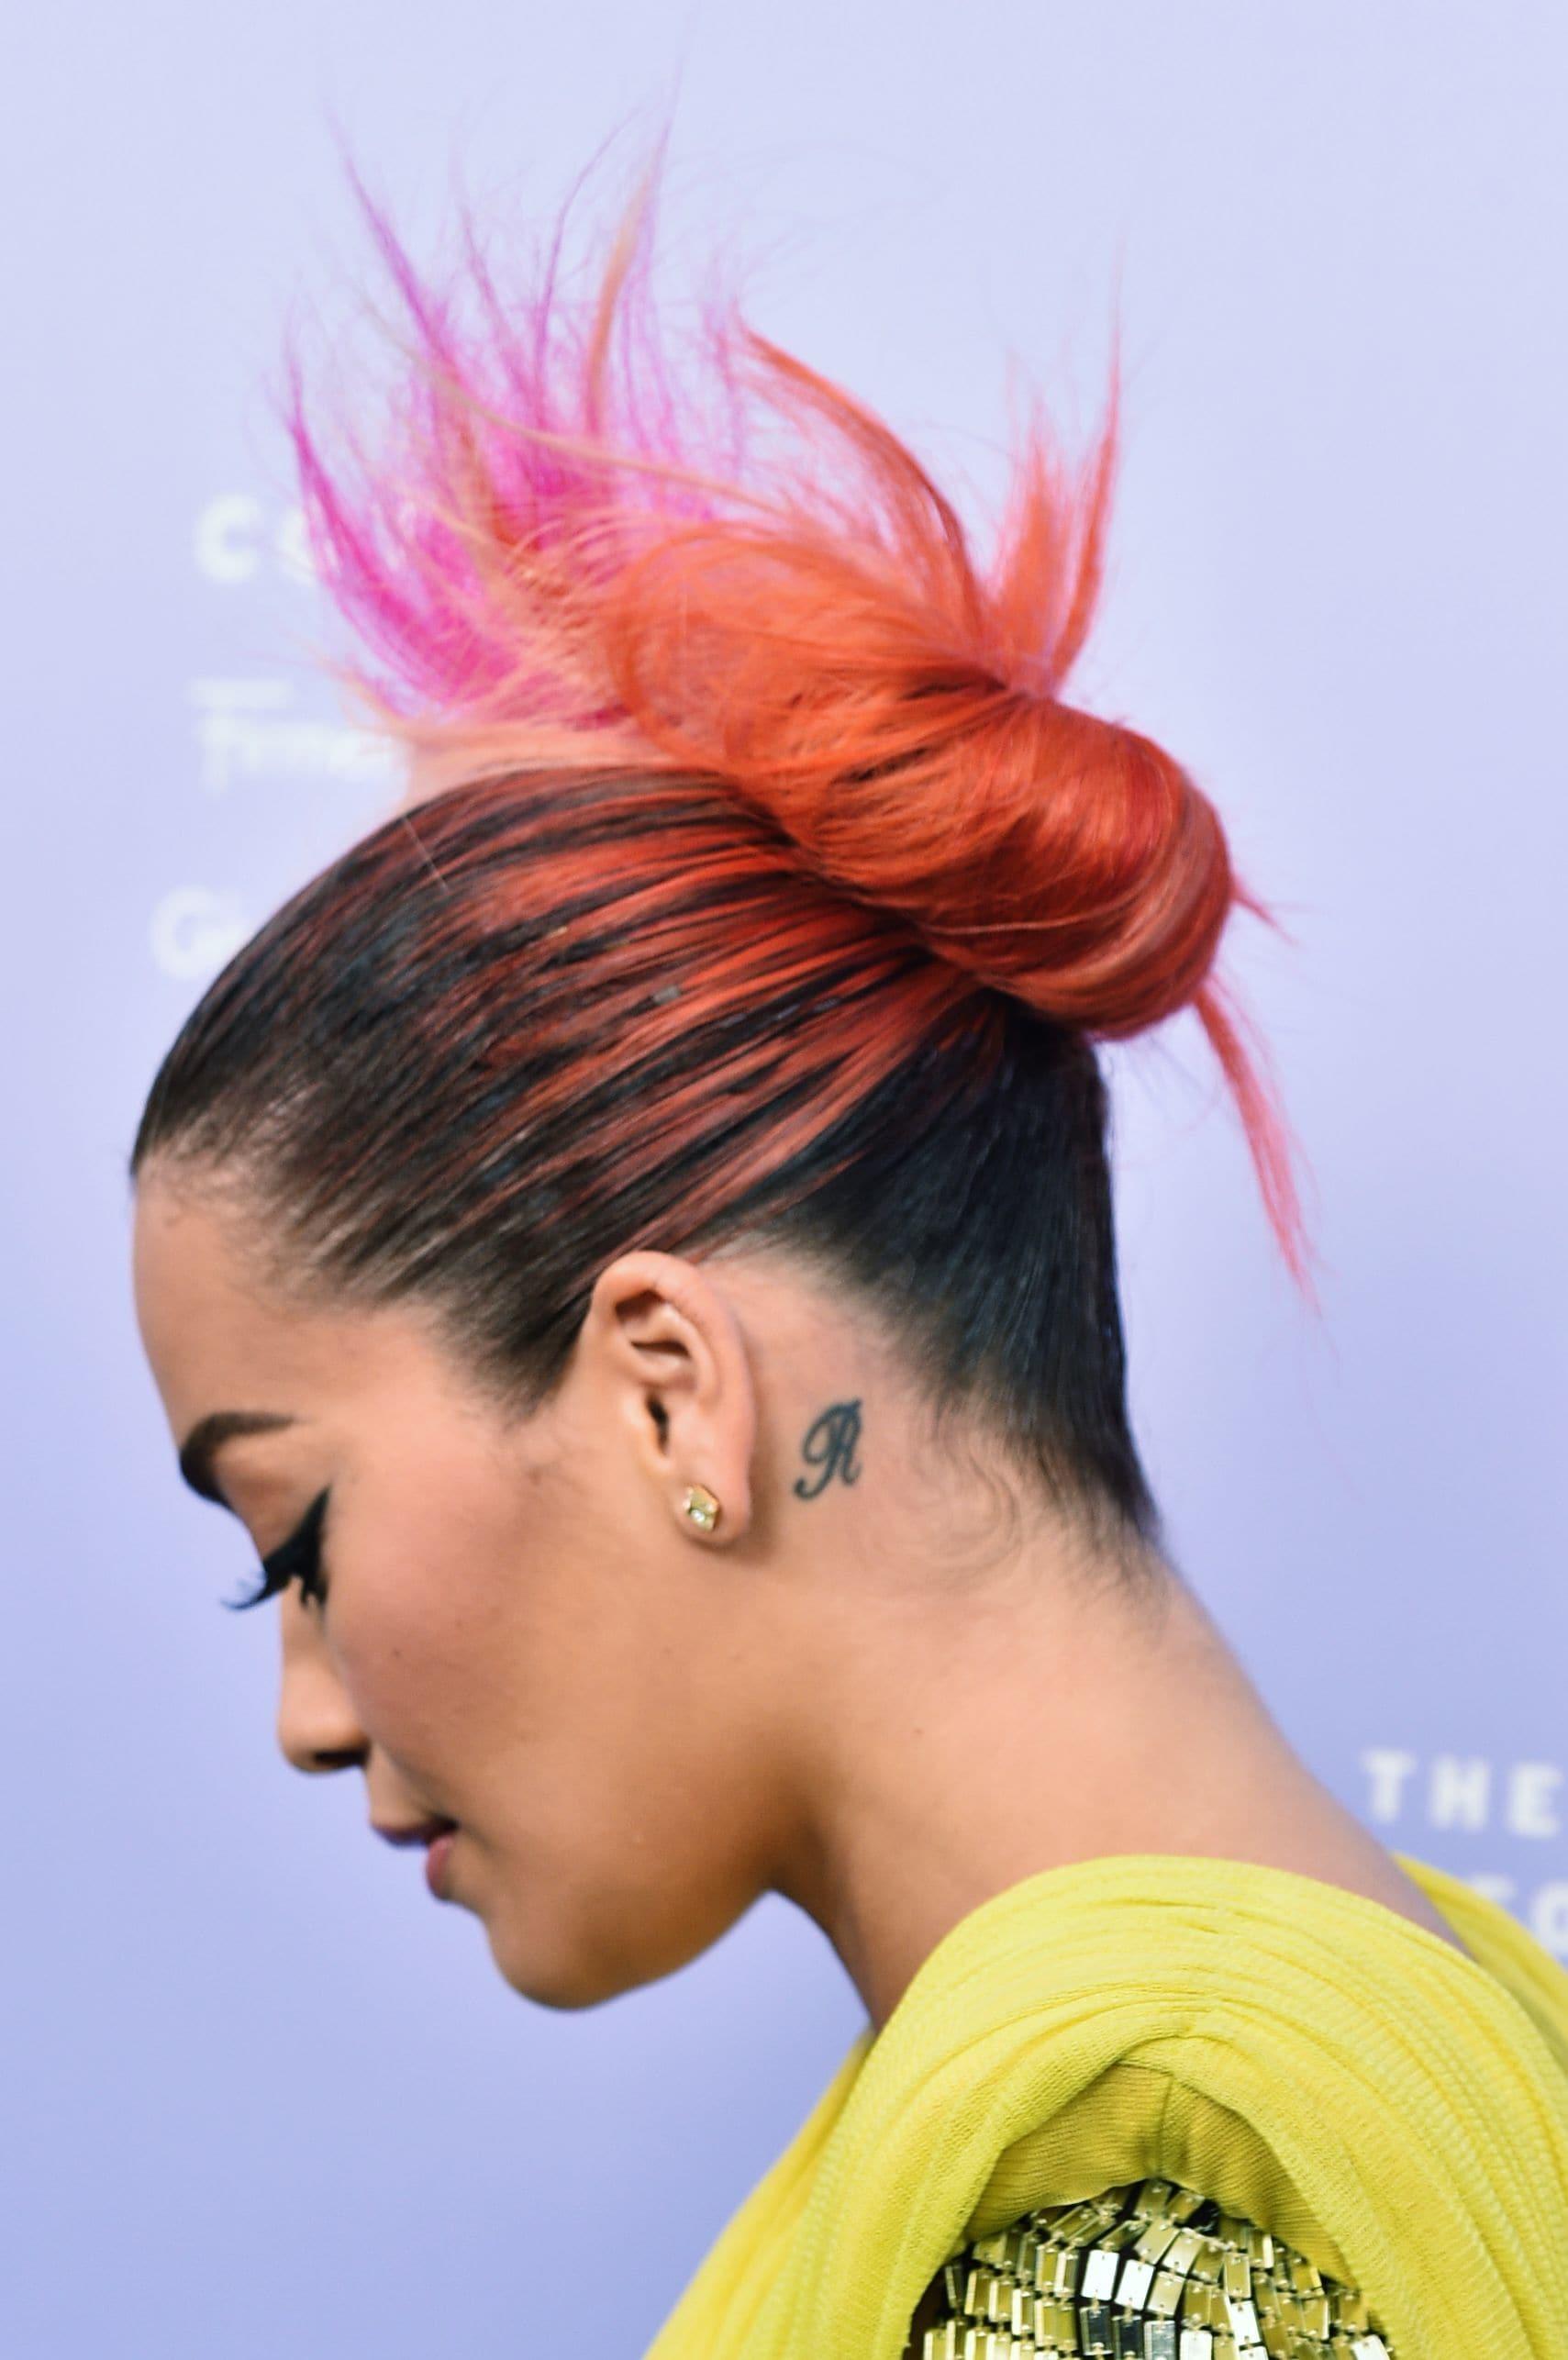 персиковый цвет волос